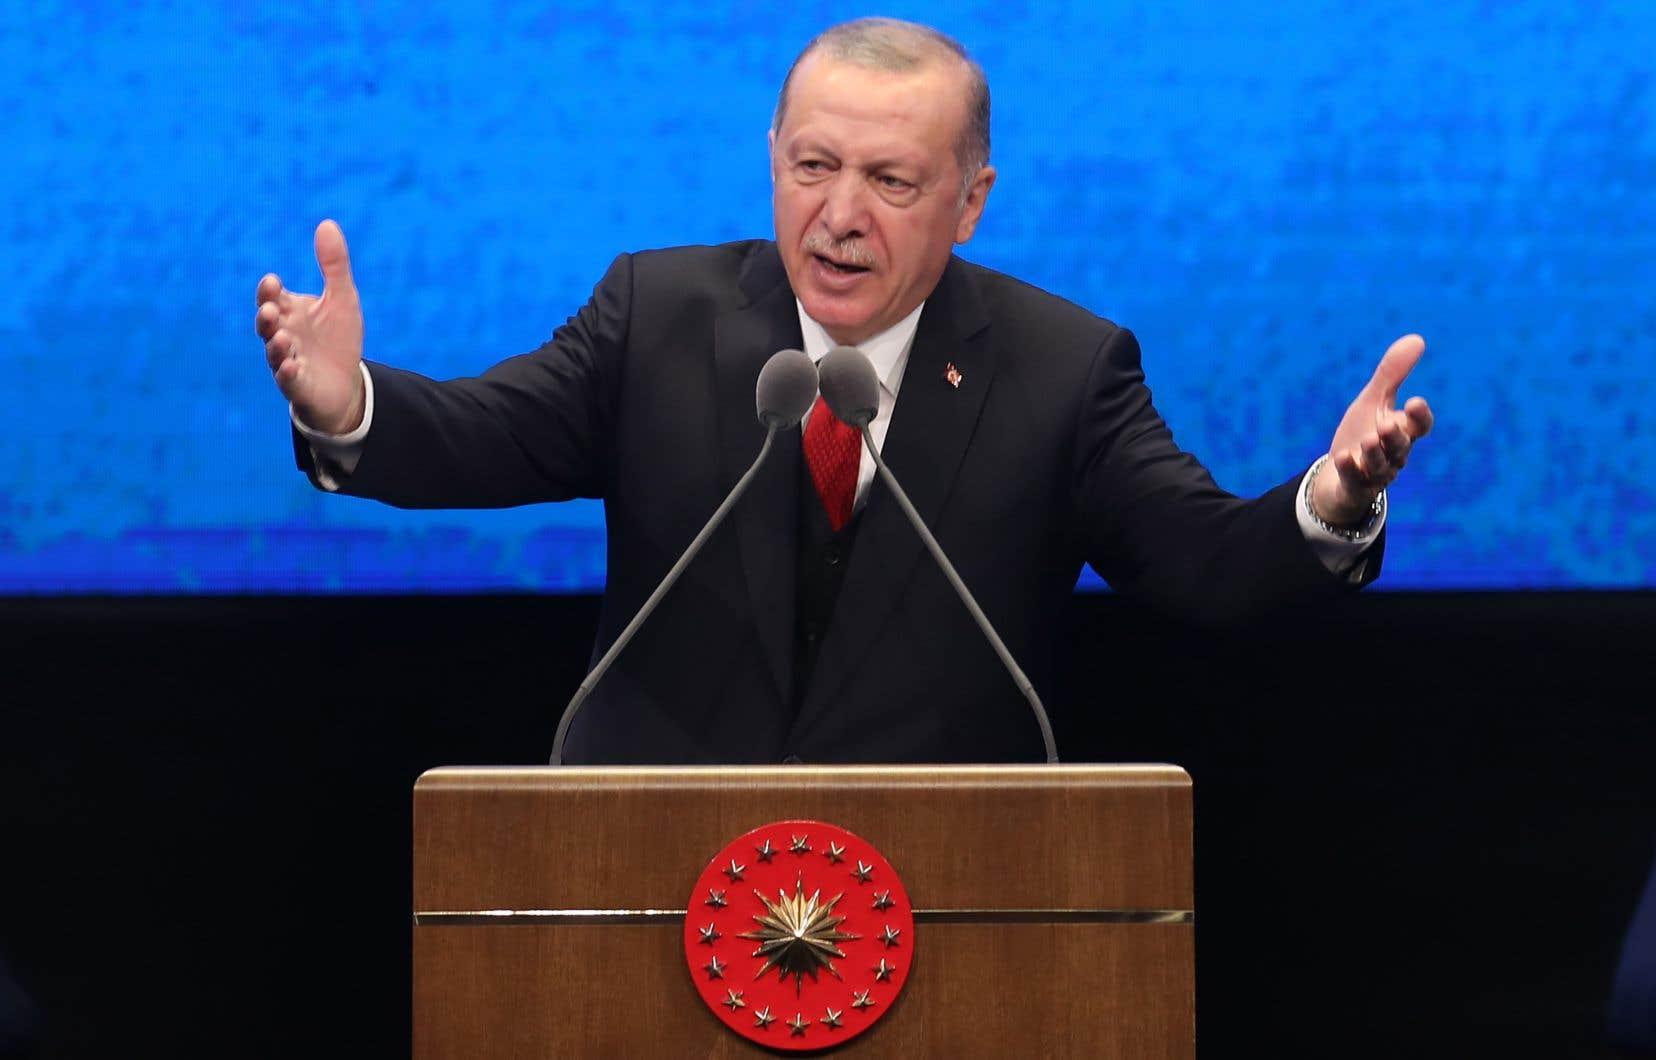 Ce projet de loi avait été présenté après que la fille et le gendre du président Recep Tayyip Erdogan ont essuyé des injures sur Twitter.